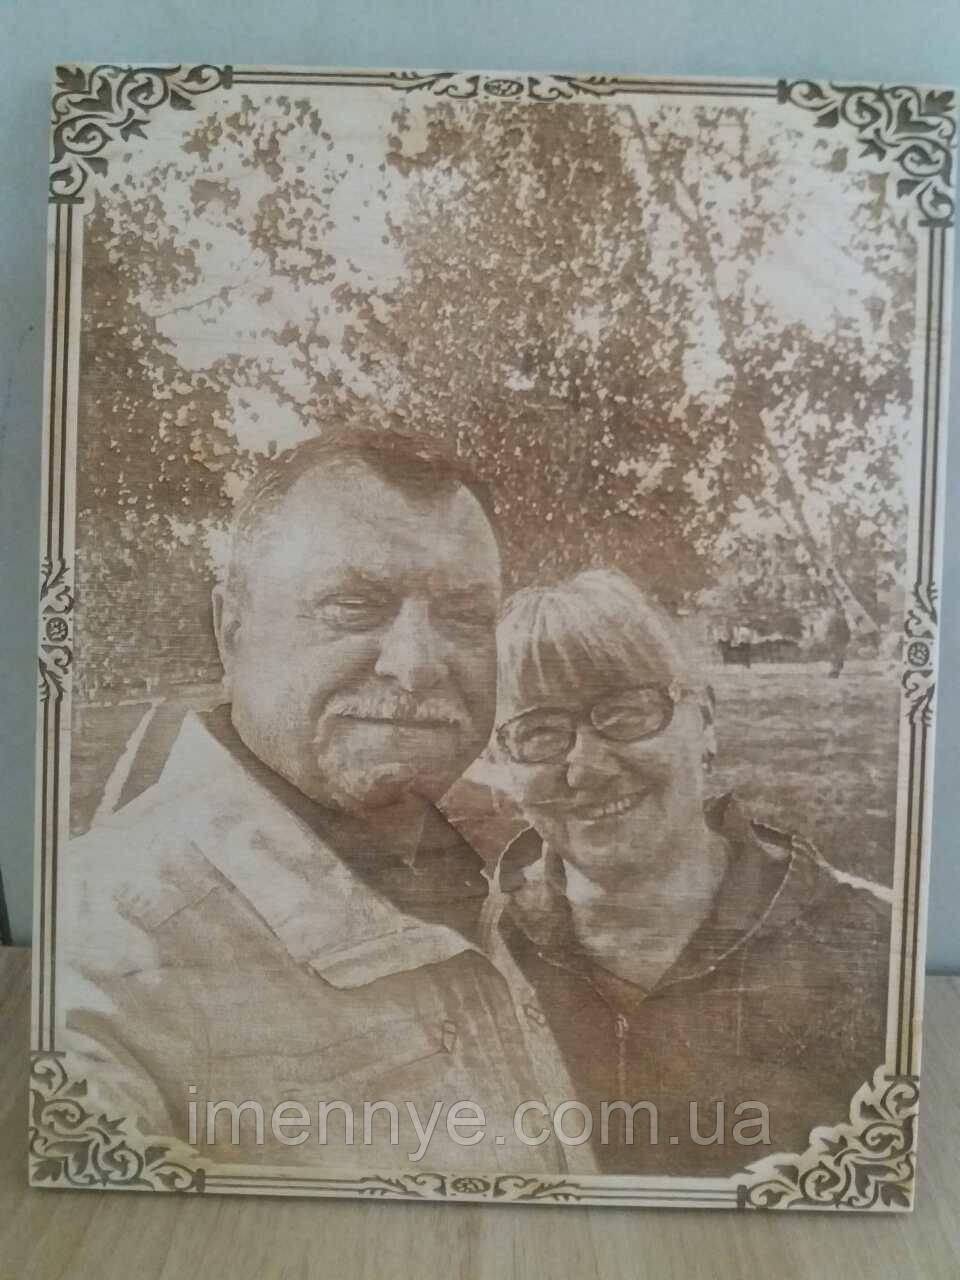 Лучший подарок родителям фотопортрет на дереве, фото 1